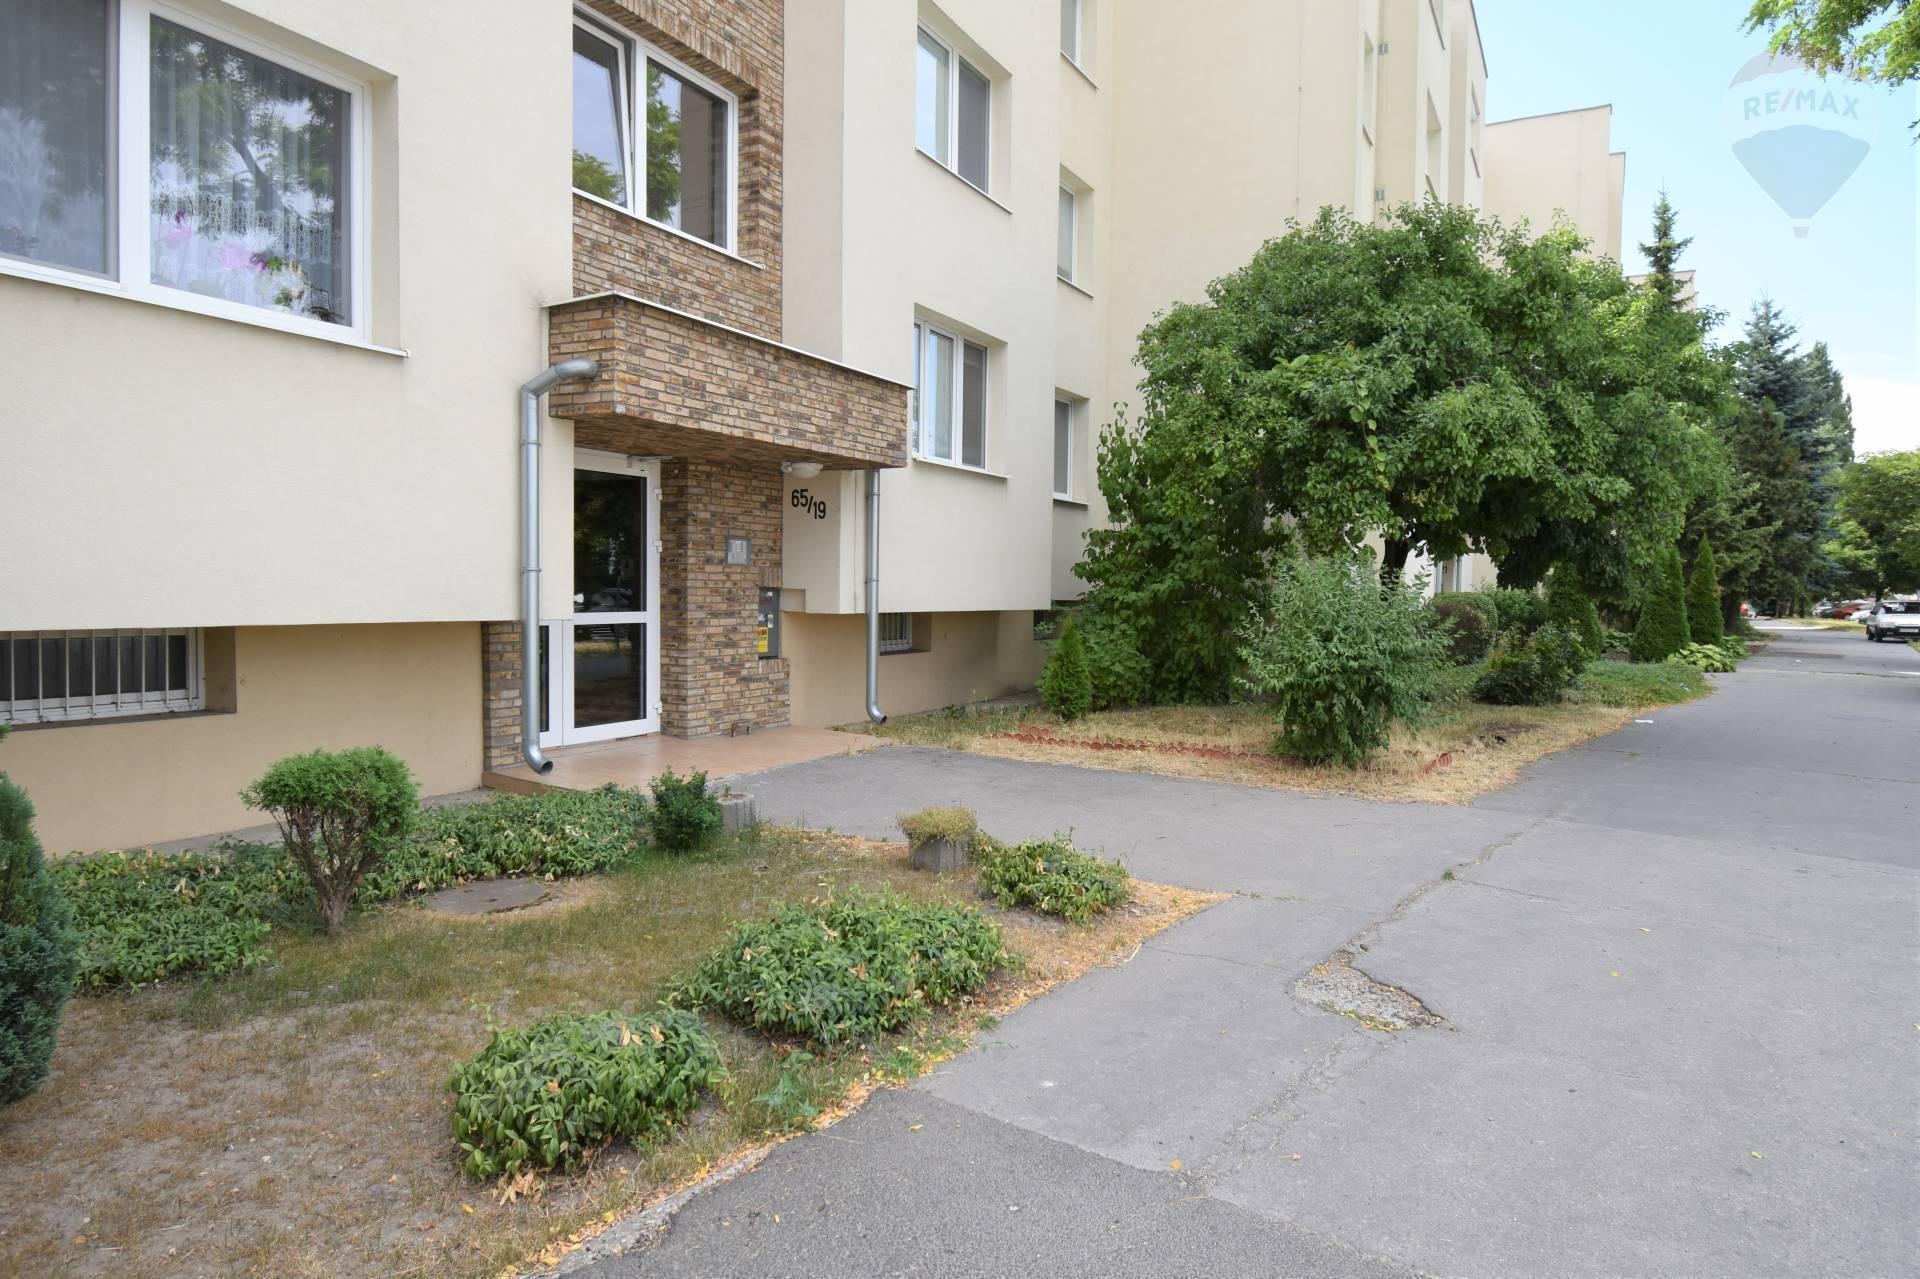 REZERVÁCIA! Predaj 3 izbového bytu v Dunajskej Strede, 79 m2, Veľkoblahovská cesta, po rekonštrukcií